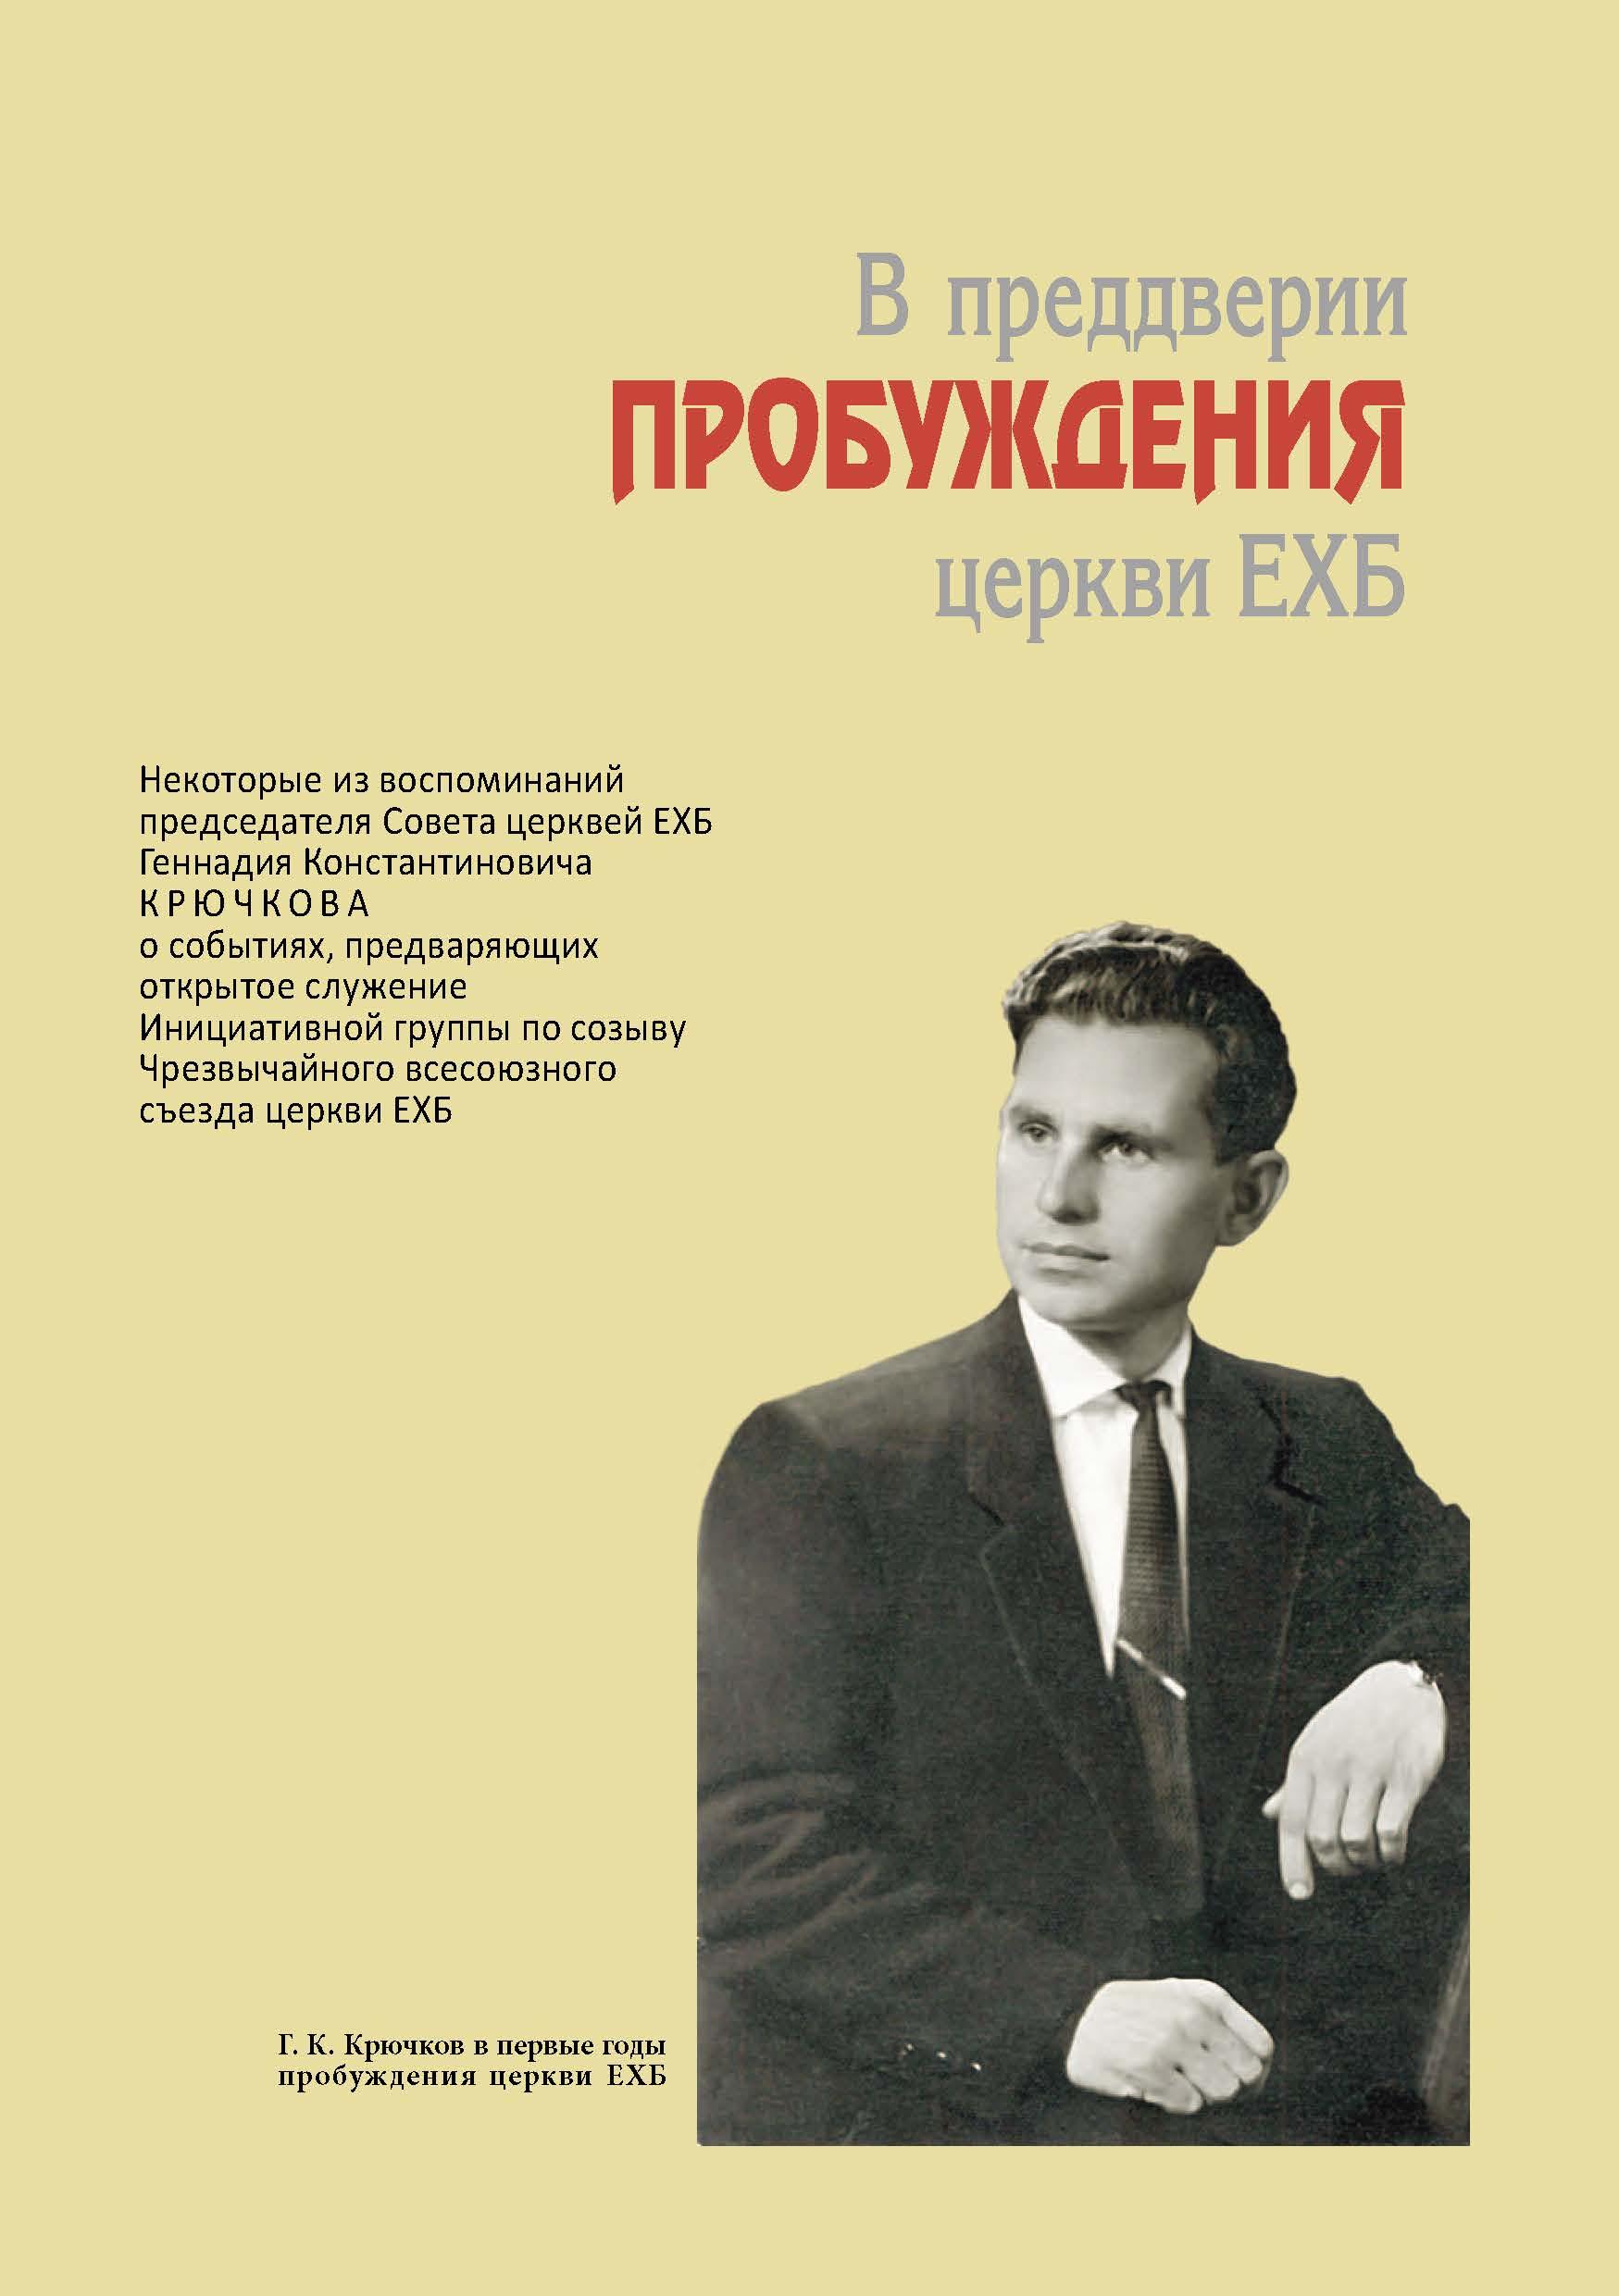 В преддверии пробуждения церкви ЕХБ. Г. К. Крючков